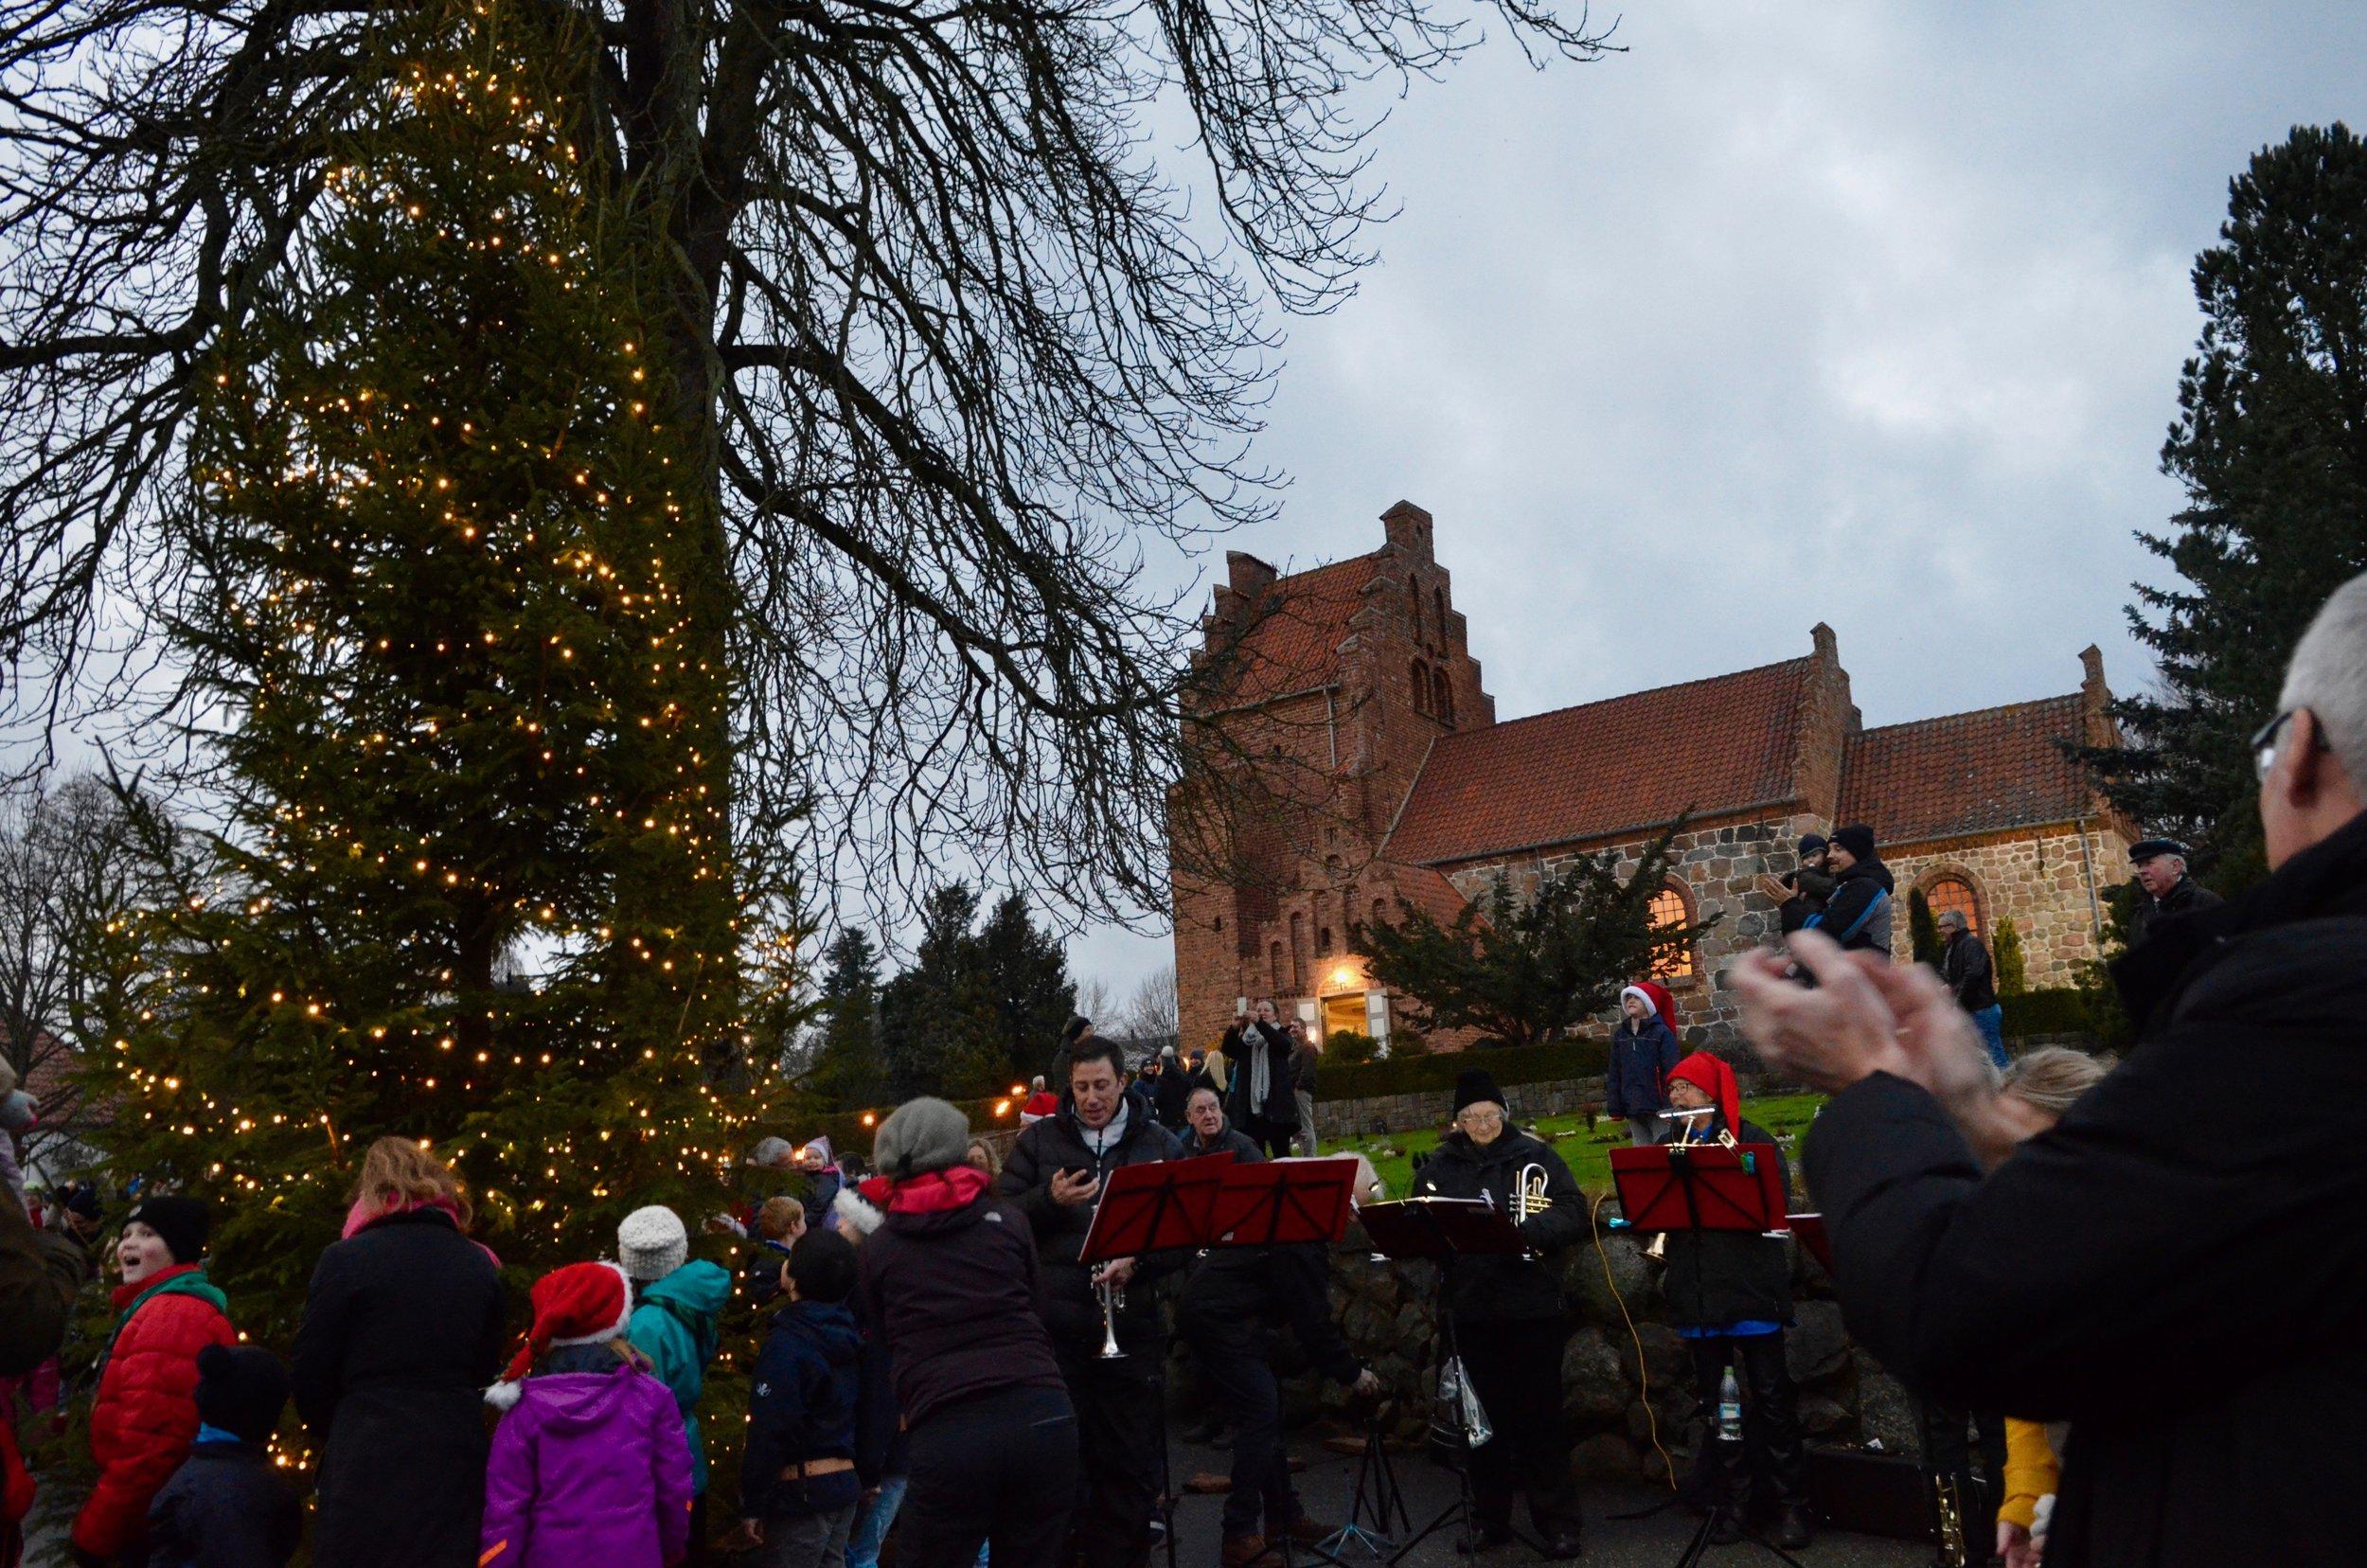 Det var hyggeligt og stemningsfuldt, da juletræet blev tændt foran kirken i går. Foto: AOB